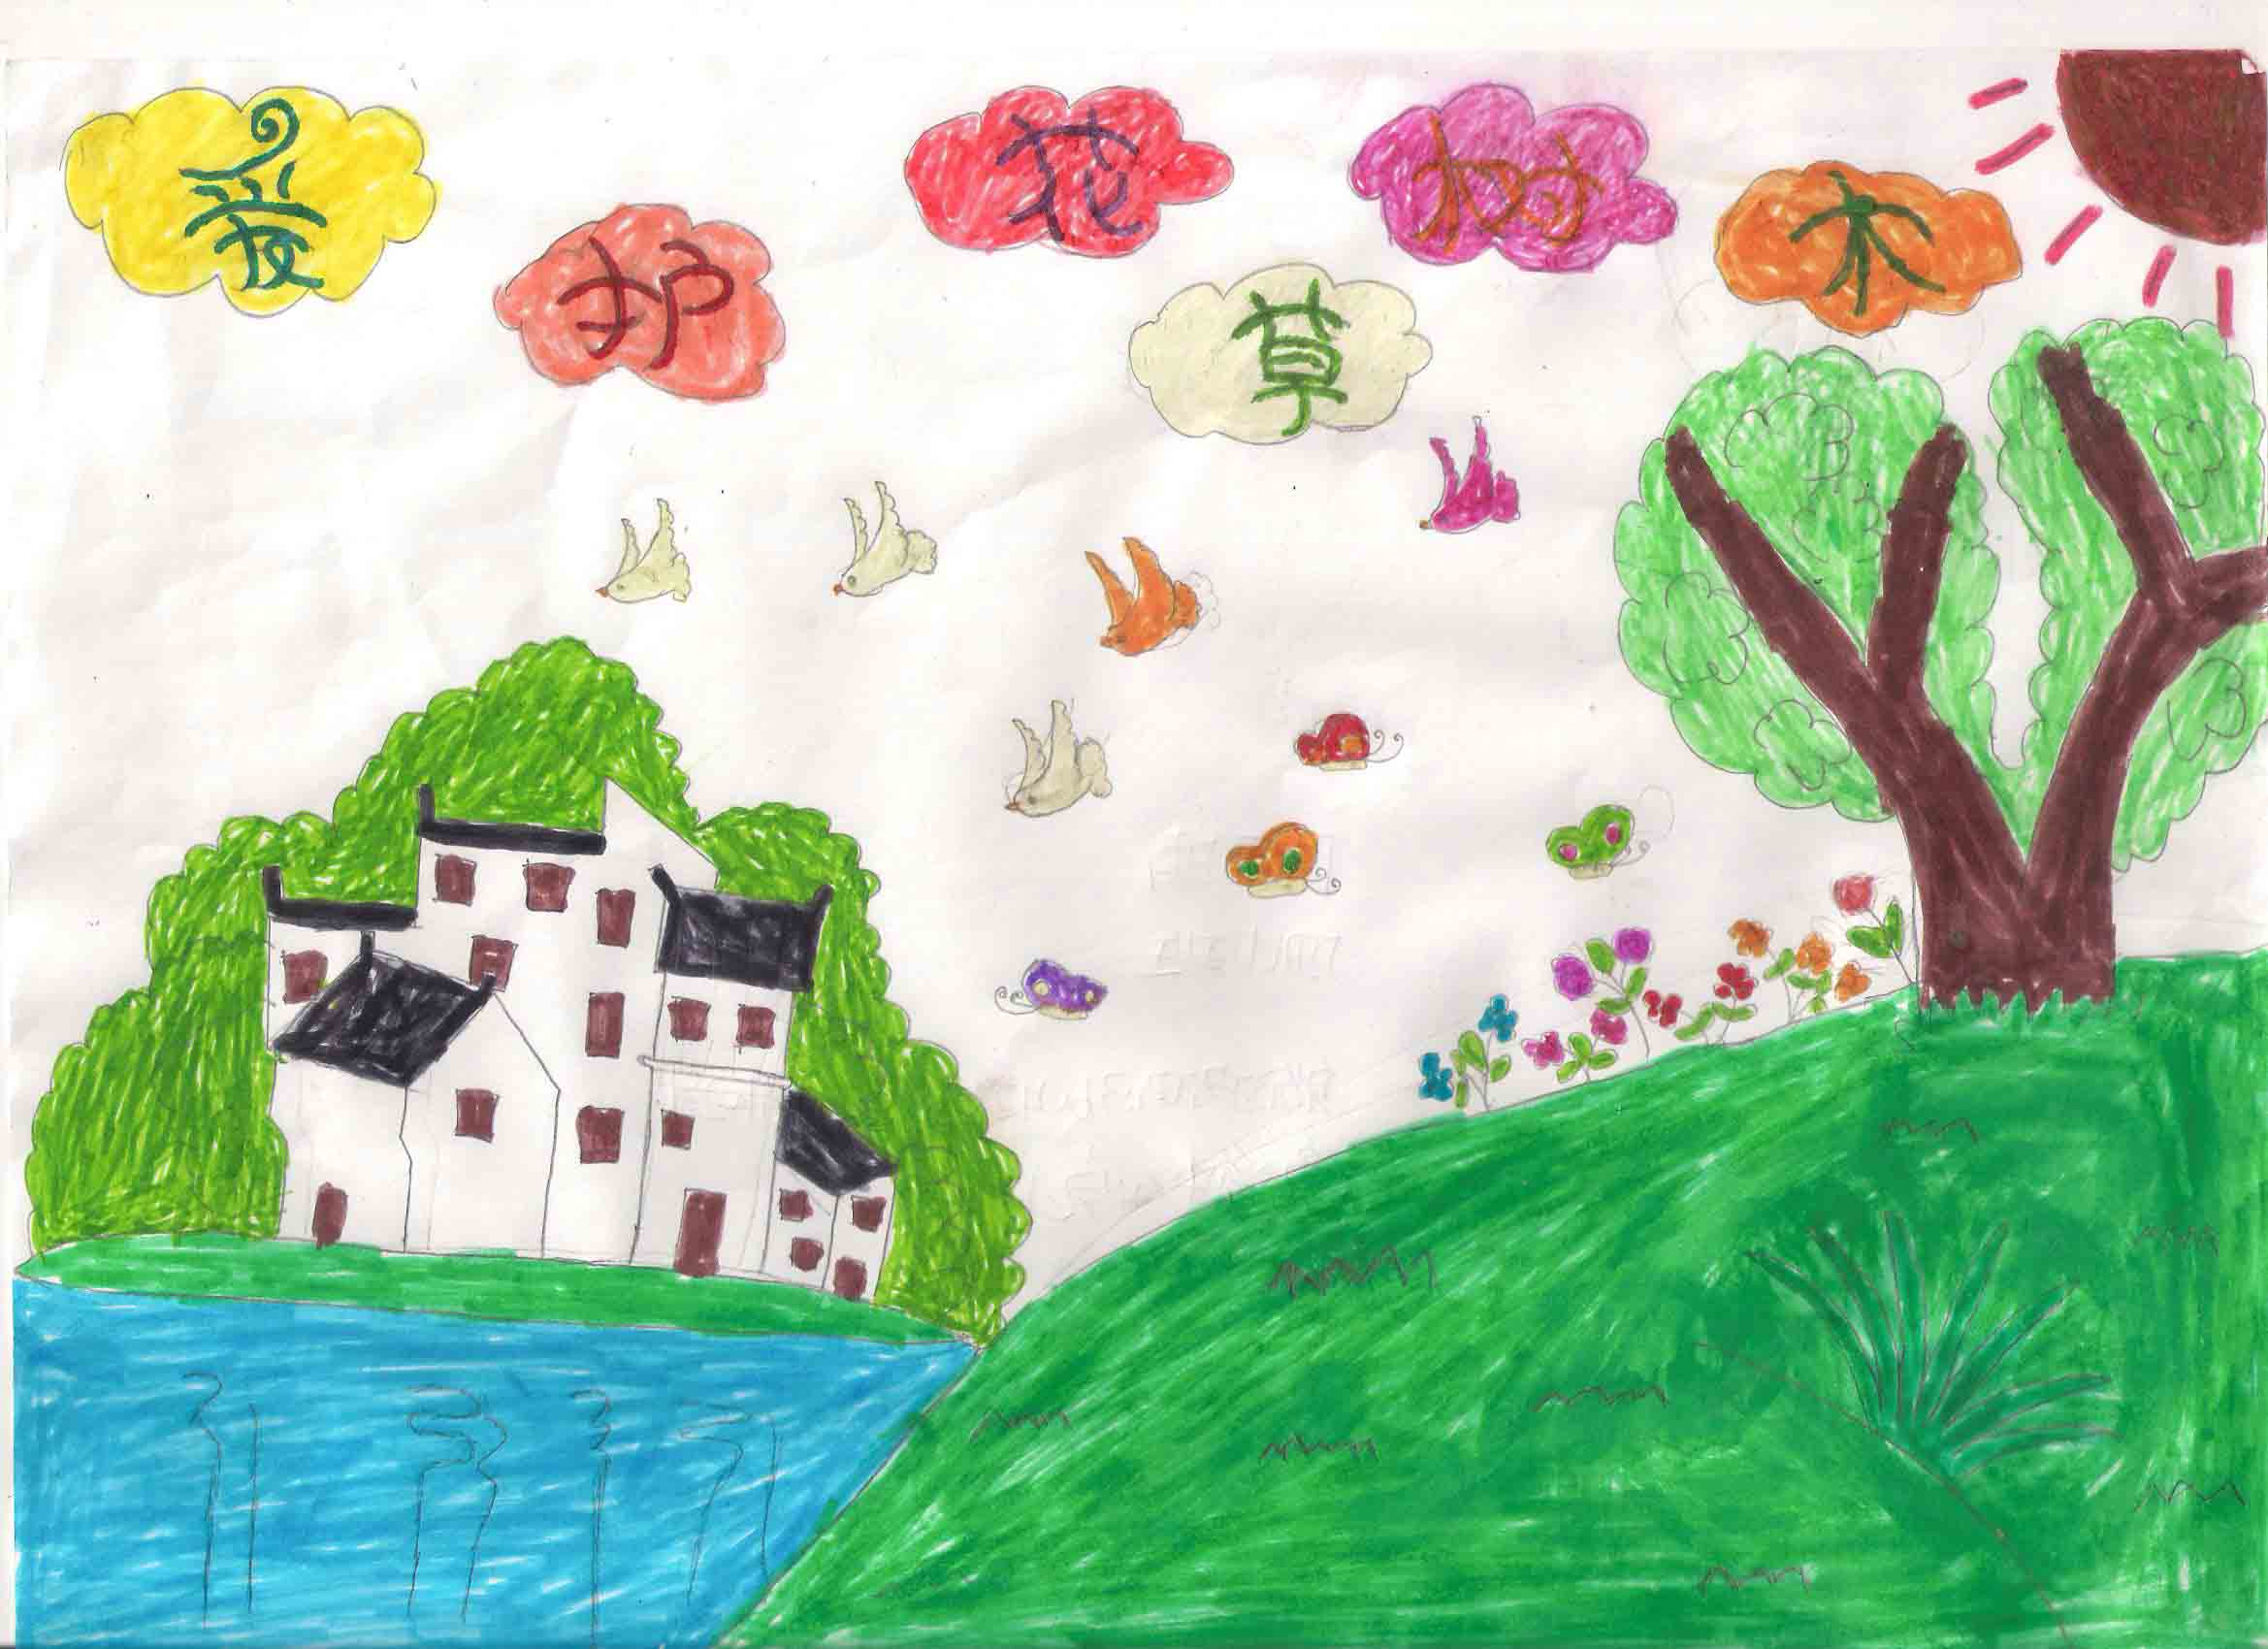 树木手抄报; 爱护花草树木手抄报; 要爱护花草树木在线视频图片